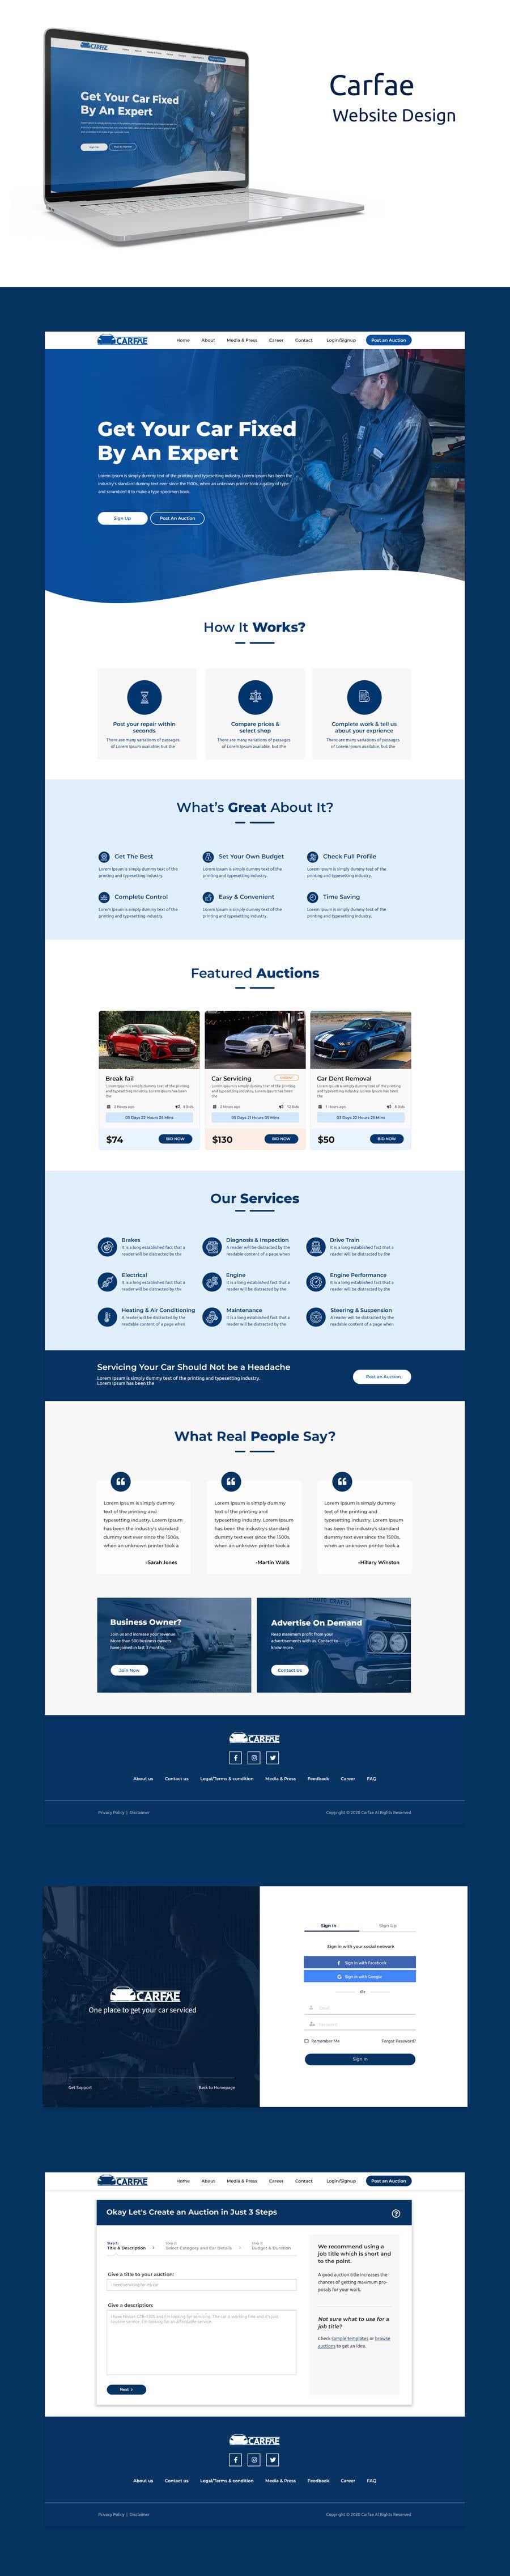 Penyertaan Peraduan #                                        99                                      untuk                                         Design website and all pages